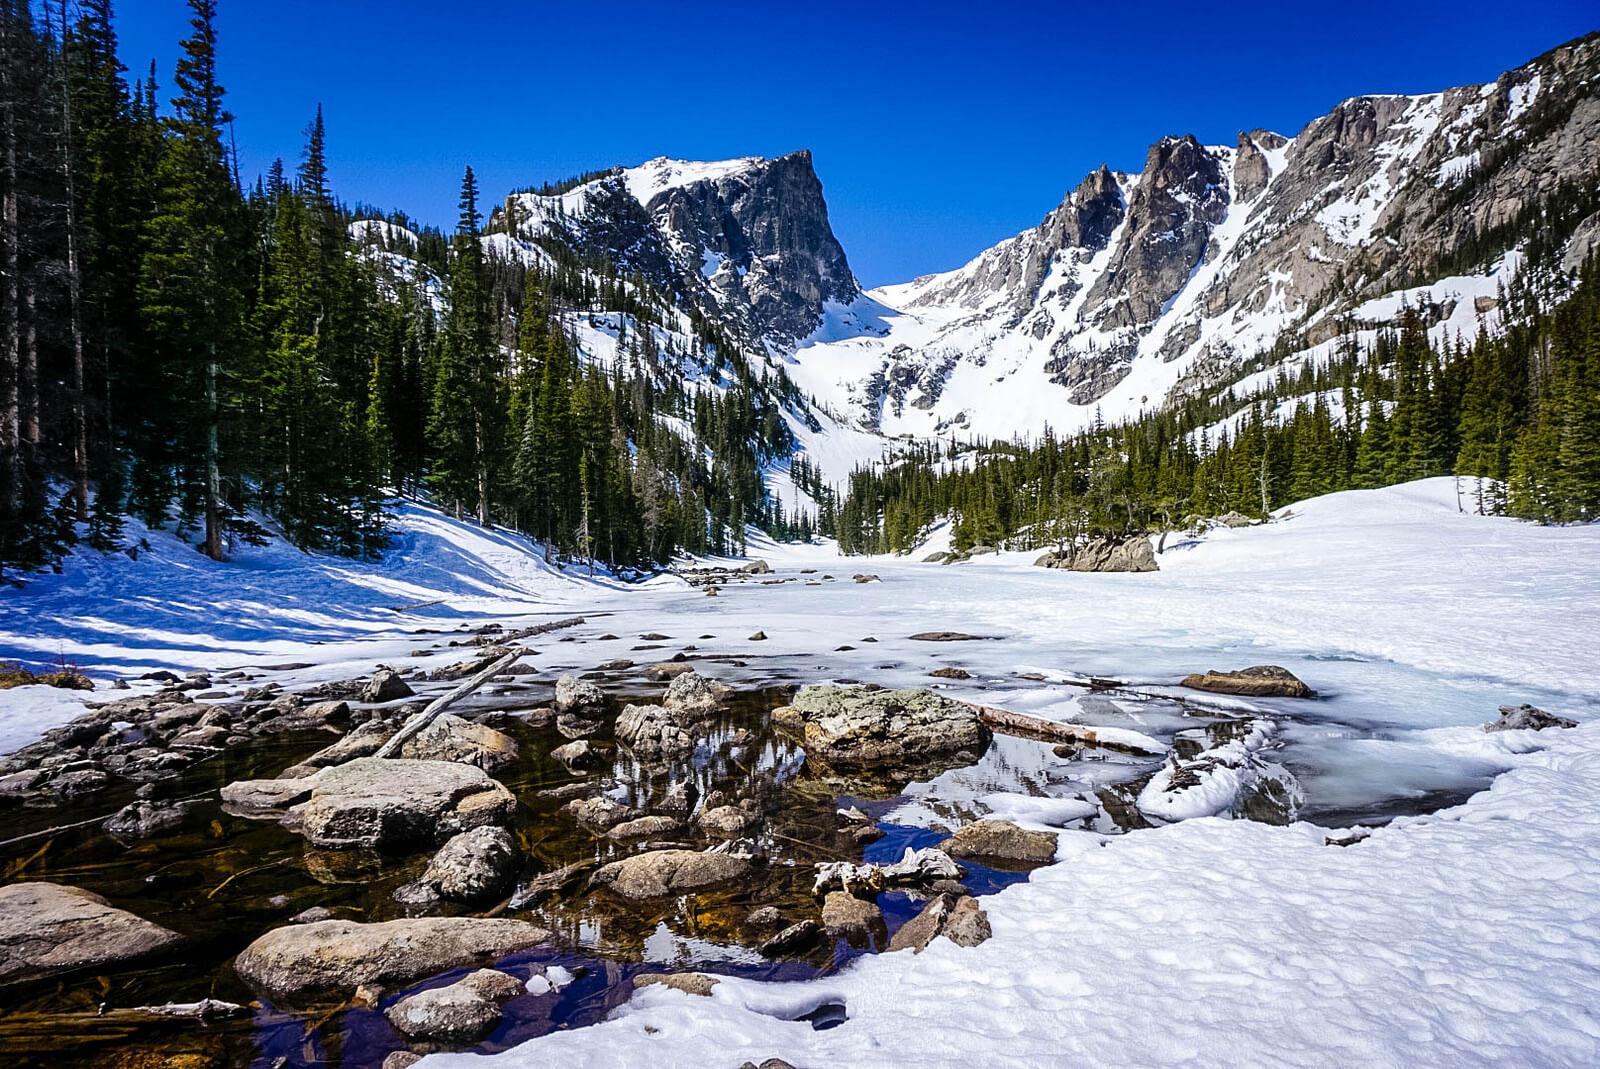 洛磯山脈 Rocky Mountains